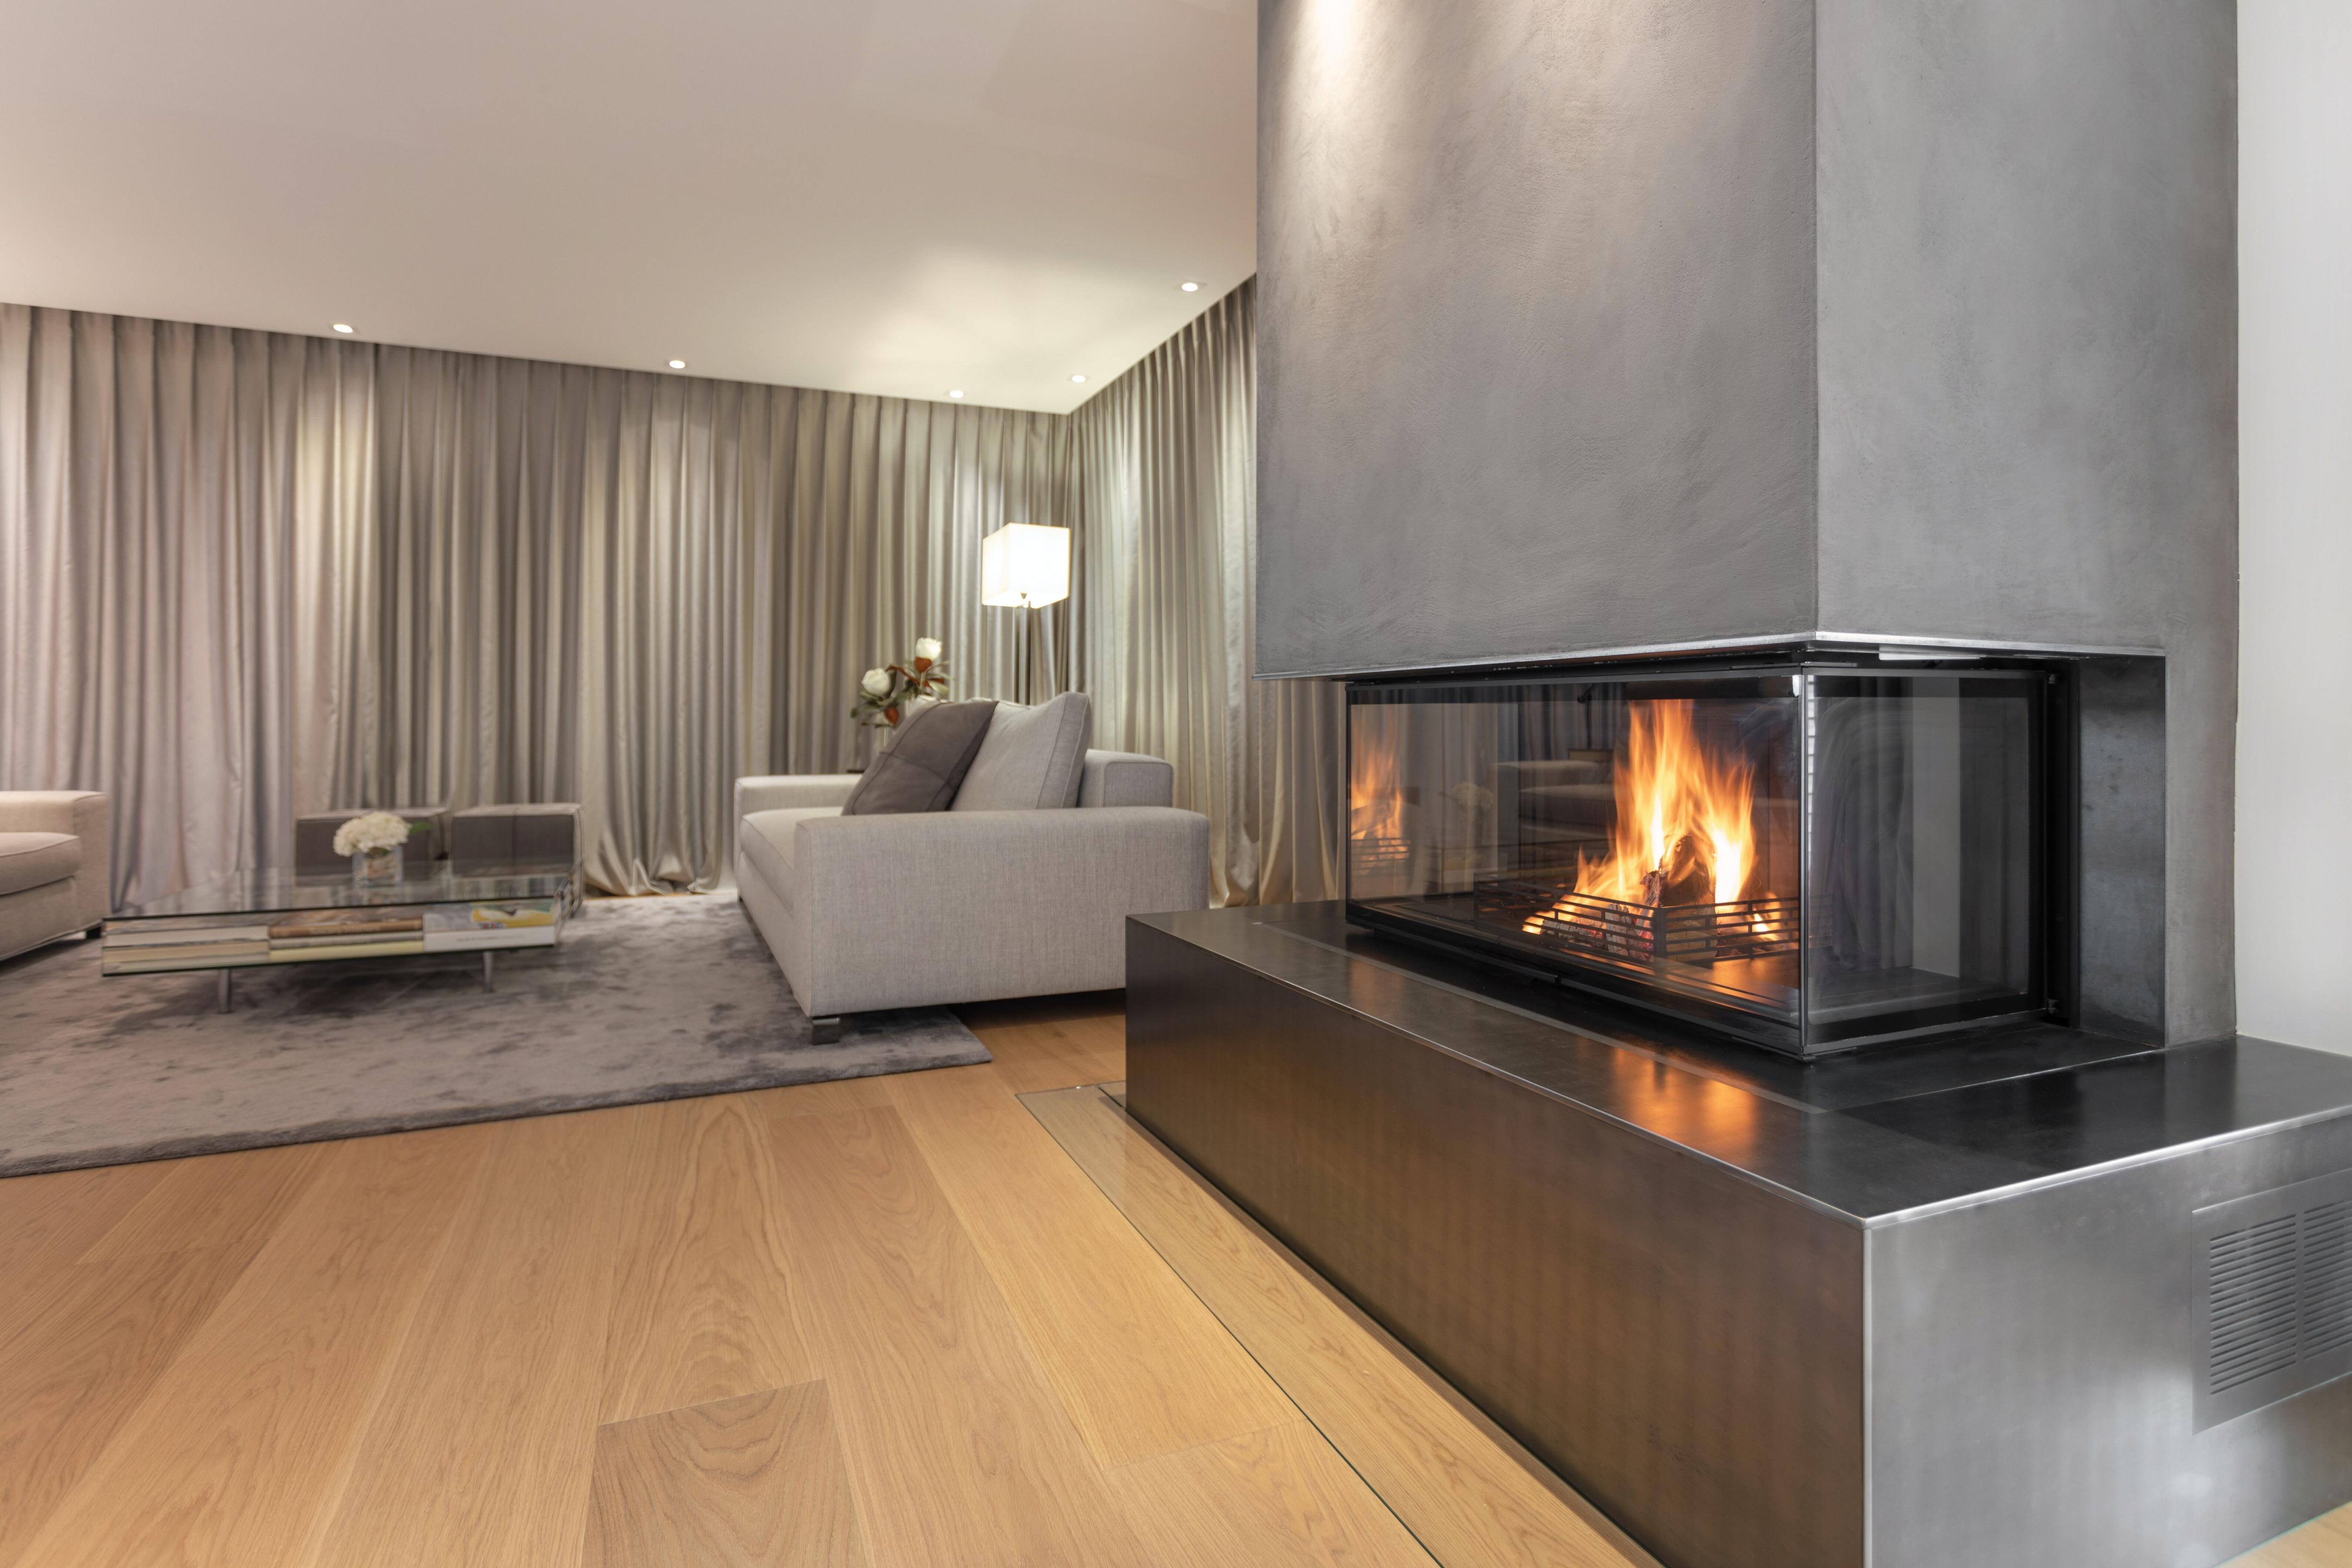 Panoramakamin Im Querformat Mit Stahlmantel Ofen Kaminofen von Bilder Querformat Wohnzimmer Photo